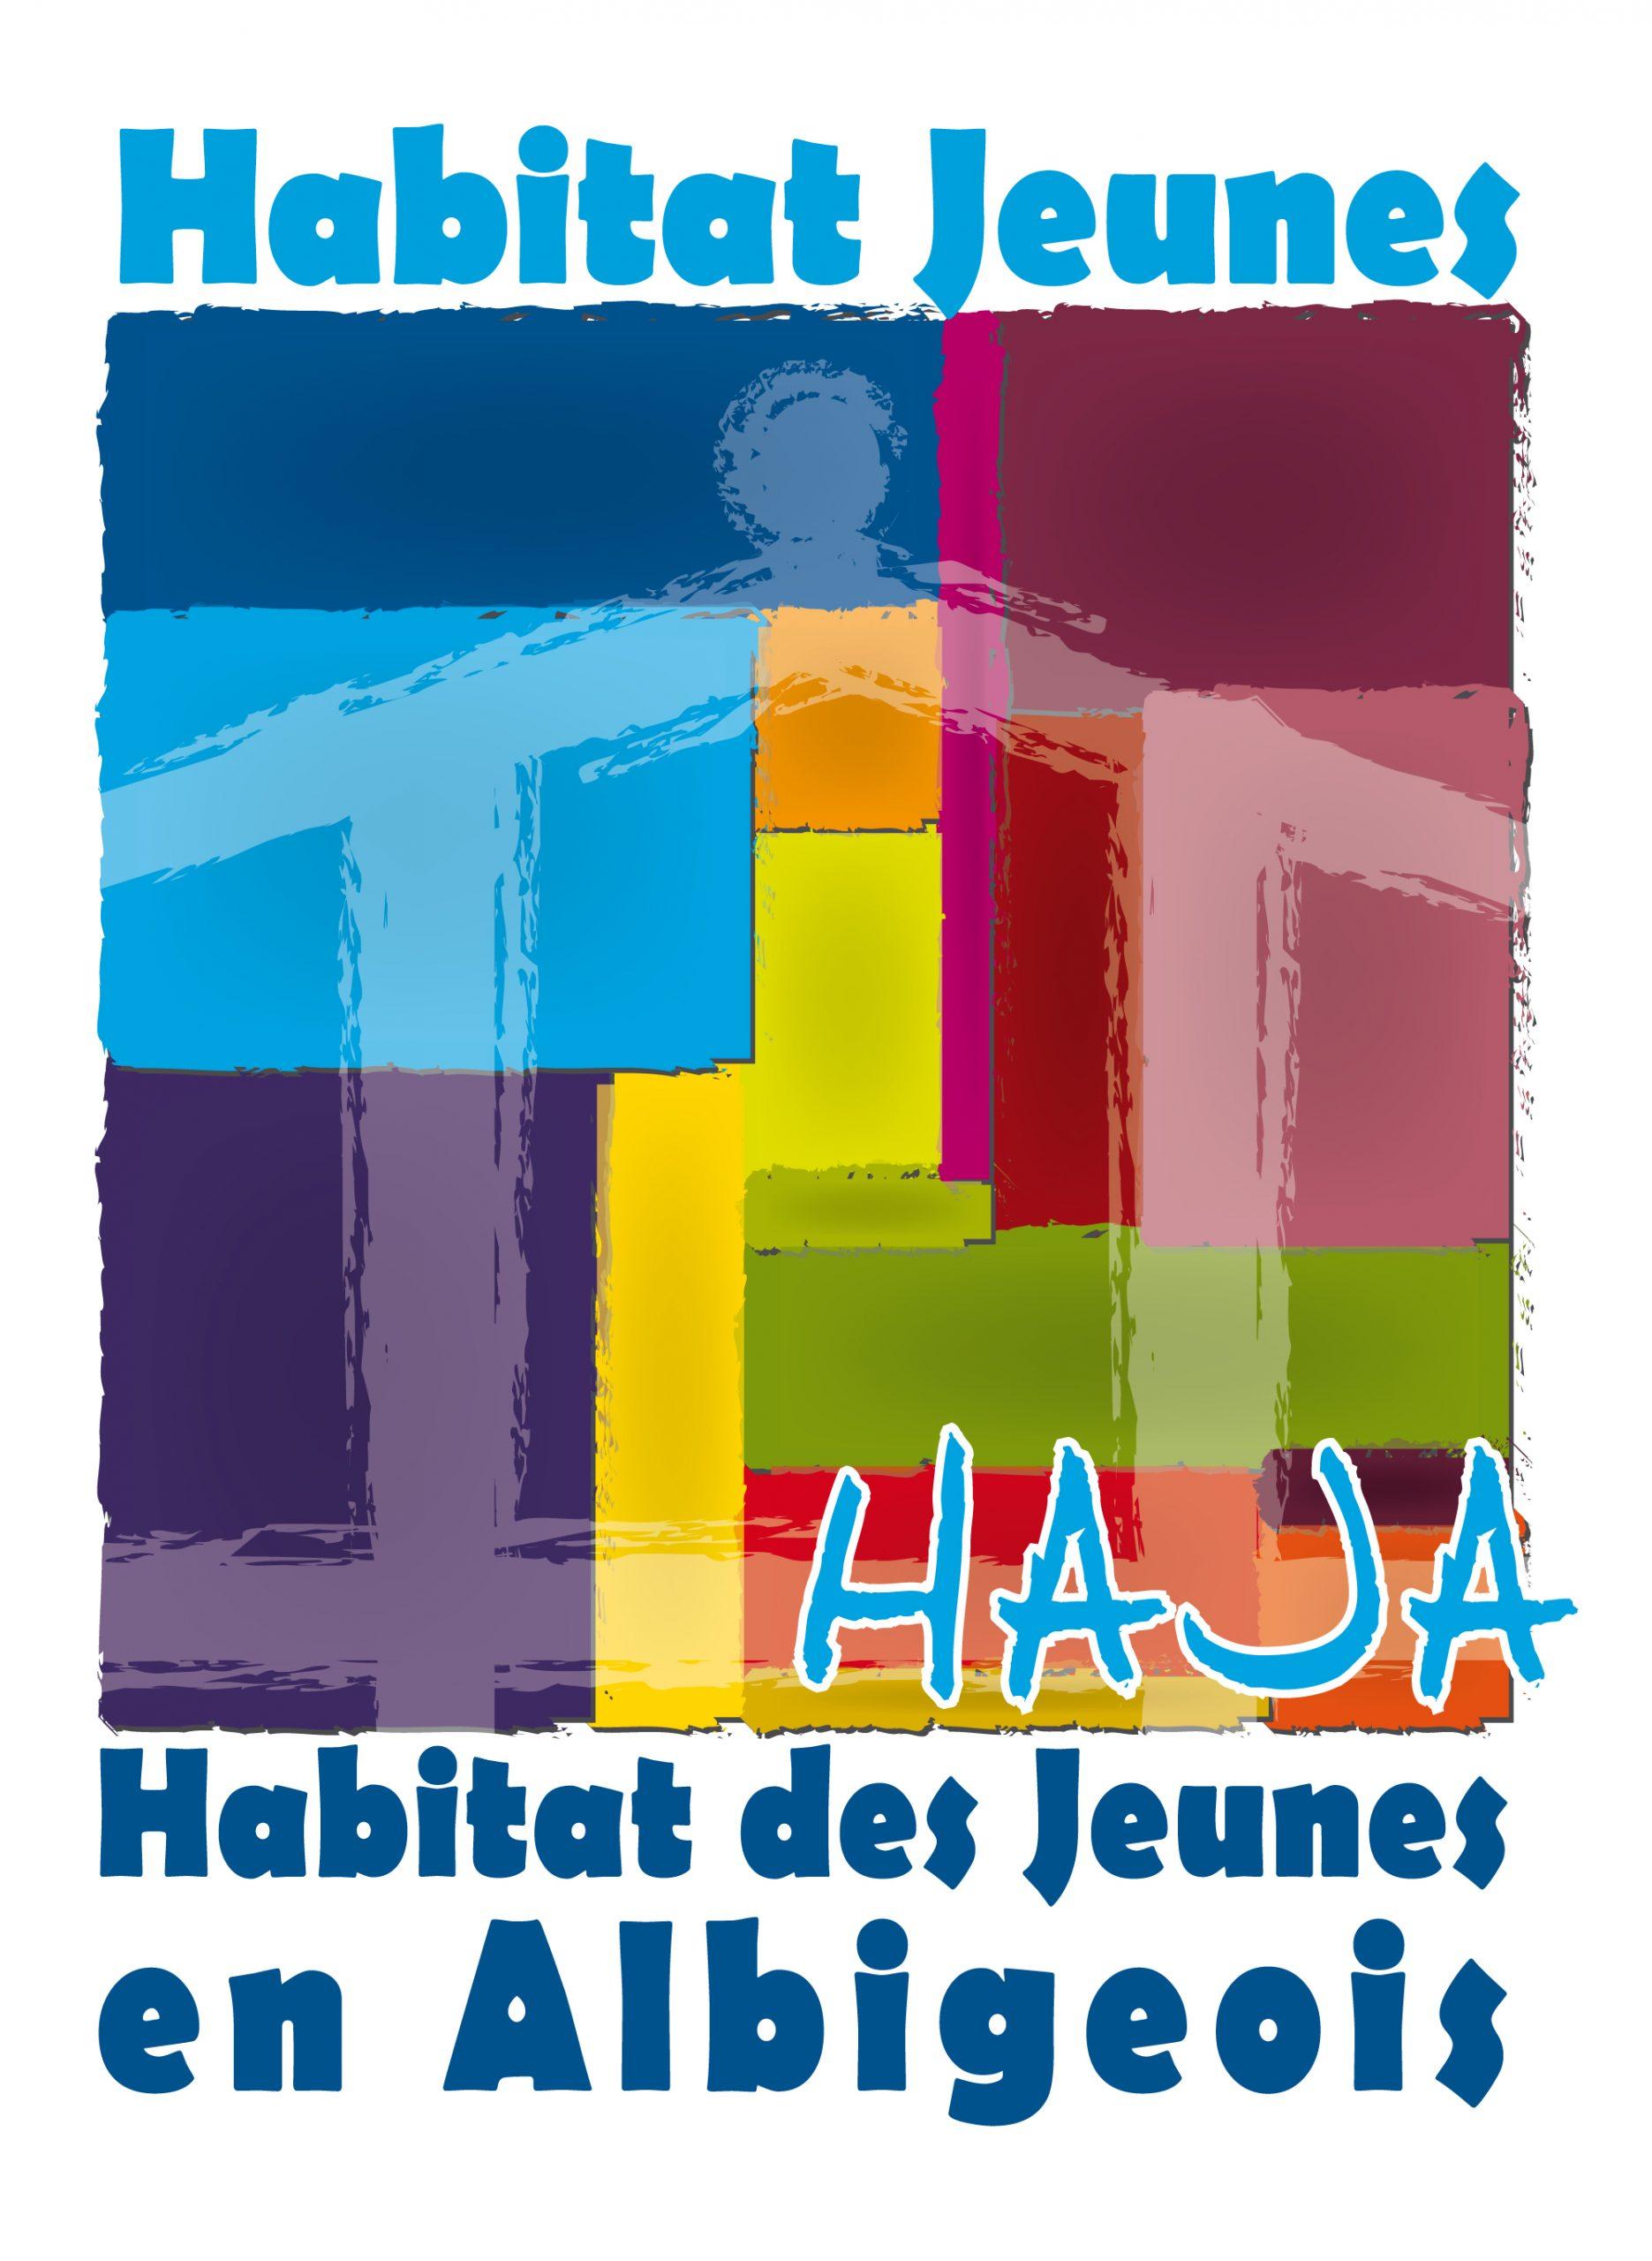 Habitat des jeunes en Albigeois